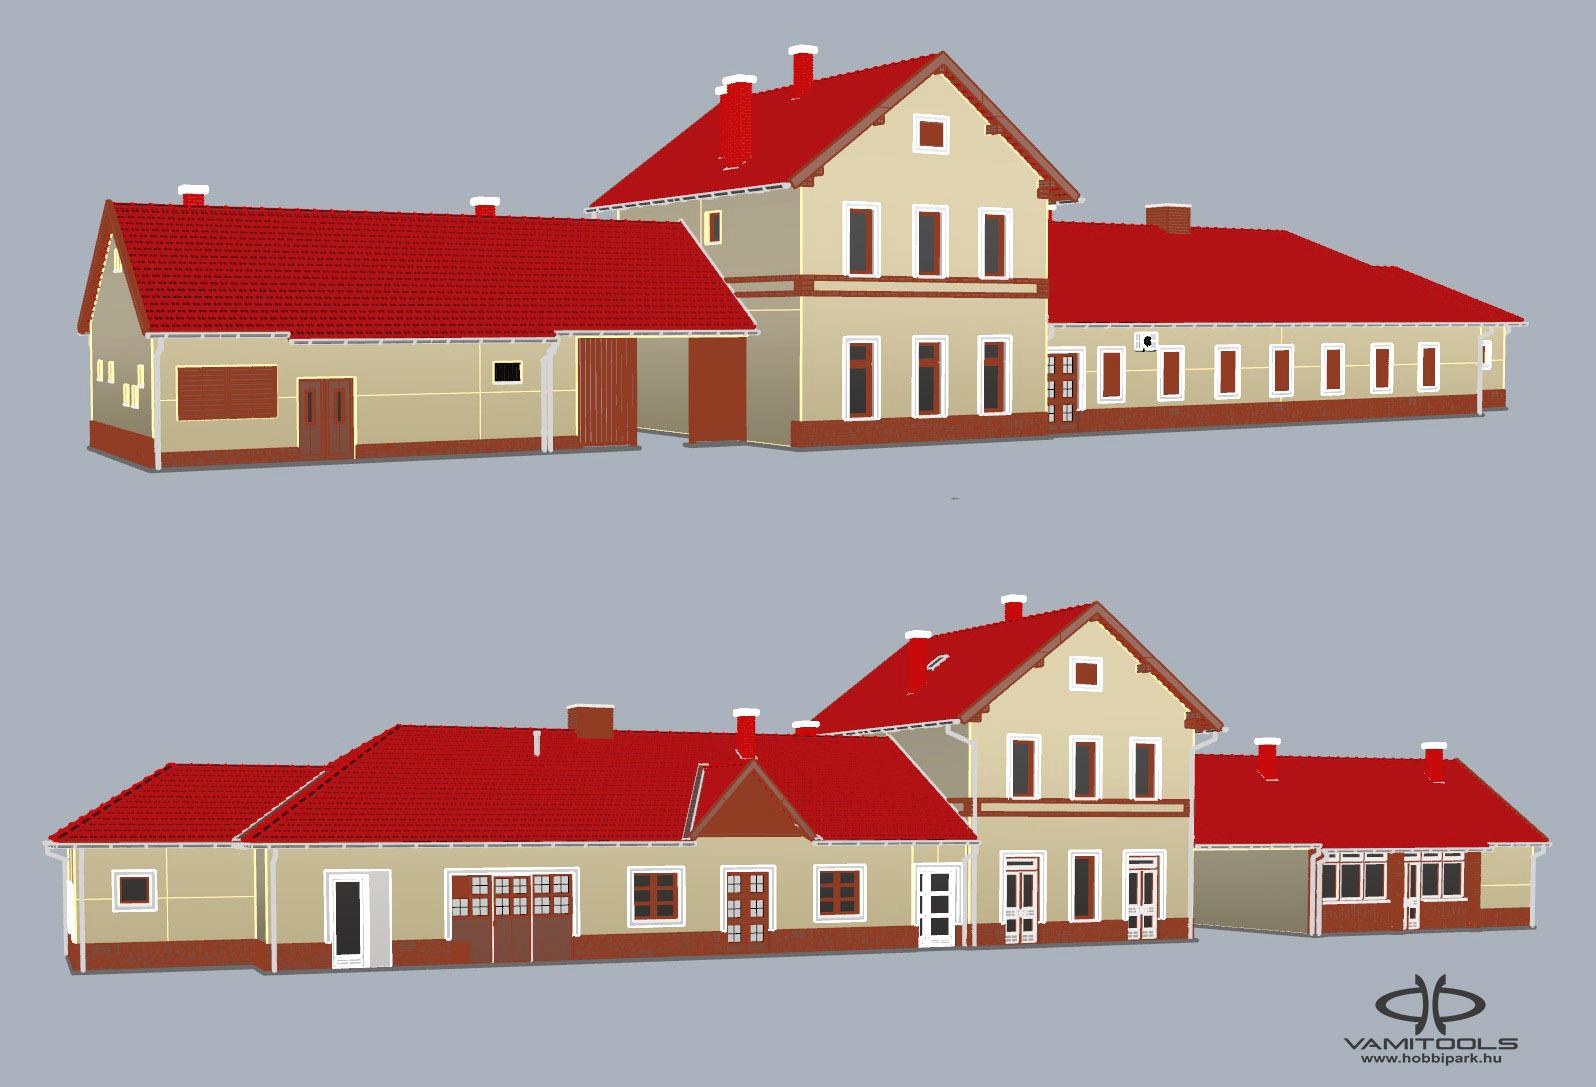 épület, vasútállomás, állomás, állomásépület, modellvasút, vasút, MÁV épület, MÁV vasútállomás, MÁV vasútállomás, MÁV modell állomás, MÁV állomásépület, Balatonkenese, Balatonkenese vasútállomás, Balatonkenese állomás, Balatonkenese épület, Balatonkenese ház, terepasztal, dioráma, H0 épület, H0 vasútállomás, H0 állomás, H0 állomásépület, H0 modellvasút, H0 vasút, H0 MÁV épület, H0 MÁV vasútállomás, H0 MÁV vasútállomás, H0 MÁV modell állomás, H0 MÁV állomásépület, H0 Balatonkenese, H0 Balatonkenese vasútállomás, H0 Balatonkenese állomás, H0 Balatonkenese épület, H0 Balatonkenese ház, H0 terepasztal, H0 dioráma, 1:87 épület, 1:87 vasútállomás, 1:87 állomás, 1:87 állomásépület, 1:87 modellvasút, 1:87 vasút, 1:87 MÁV épület, 1:87 MÁV vasútállomás, 1:87 MÁV vasútállomás, 1:87 MÁV modell állomás, 1:87 MÁV állomásépület, 1:87 Balatonkenese, 1:87 Balatonkenese vasútállomás, 1:87 Balatonkenese állomás, 1:87 Balatonkenese épület, 1:87 Balatonkenese ház, 1:87 terepasztal, 1:87 dioráma, TT épület, TT vasútállomás, TT állomás, TT állomásépület, TT modellvasút, TT vasút, TT MÁV épület, TT MÁV vasútállomás, TT MÁV vasútállomás, TT MÁV modell állomás, TT MÁV állomásépület, TT Balatonkenese, TT Balatonkenese vasútállomás, TT Balatonkenese állomás, TT Balatonkenese épület, TT Balatonkenese ház, TT terepasztal, TT dioráma, 1:120 épület, 1:120 vasútállomás, 1:120 állomás, 1:120 állomásépület, 1:120 modellvasút, 1:120 vasút, 1:120 MÁV épület, 1:120 MÁV vasútállomás, 1:120 MÁV vasútállomás, 1:120 MÁV modell állomás, 1:120 MÁV állomásépület, 1:120 Balatonkenese, 1:120 Balatonkenese vasútállomás, 1:120 Balatonkenese állomás, 1:120 Balatonkenese épület, 1:120 Balatonkenese ház, 1:120 terepasztal, 1:120 dioráma, N épület, N vasútállomás, N állomás, N állomásépület, N modellvasút, N vasút, N MÁV épület, N MÁV vasútállomás, N MÁV vasútállomás, N MÁV modell állomás, N MÁV állomásépület, N Balatonkenese, N Balatonkenese vasútállomás, N Balatonkenese állomás, N Balatonkenese épület, N Balatonkene